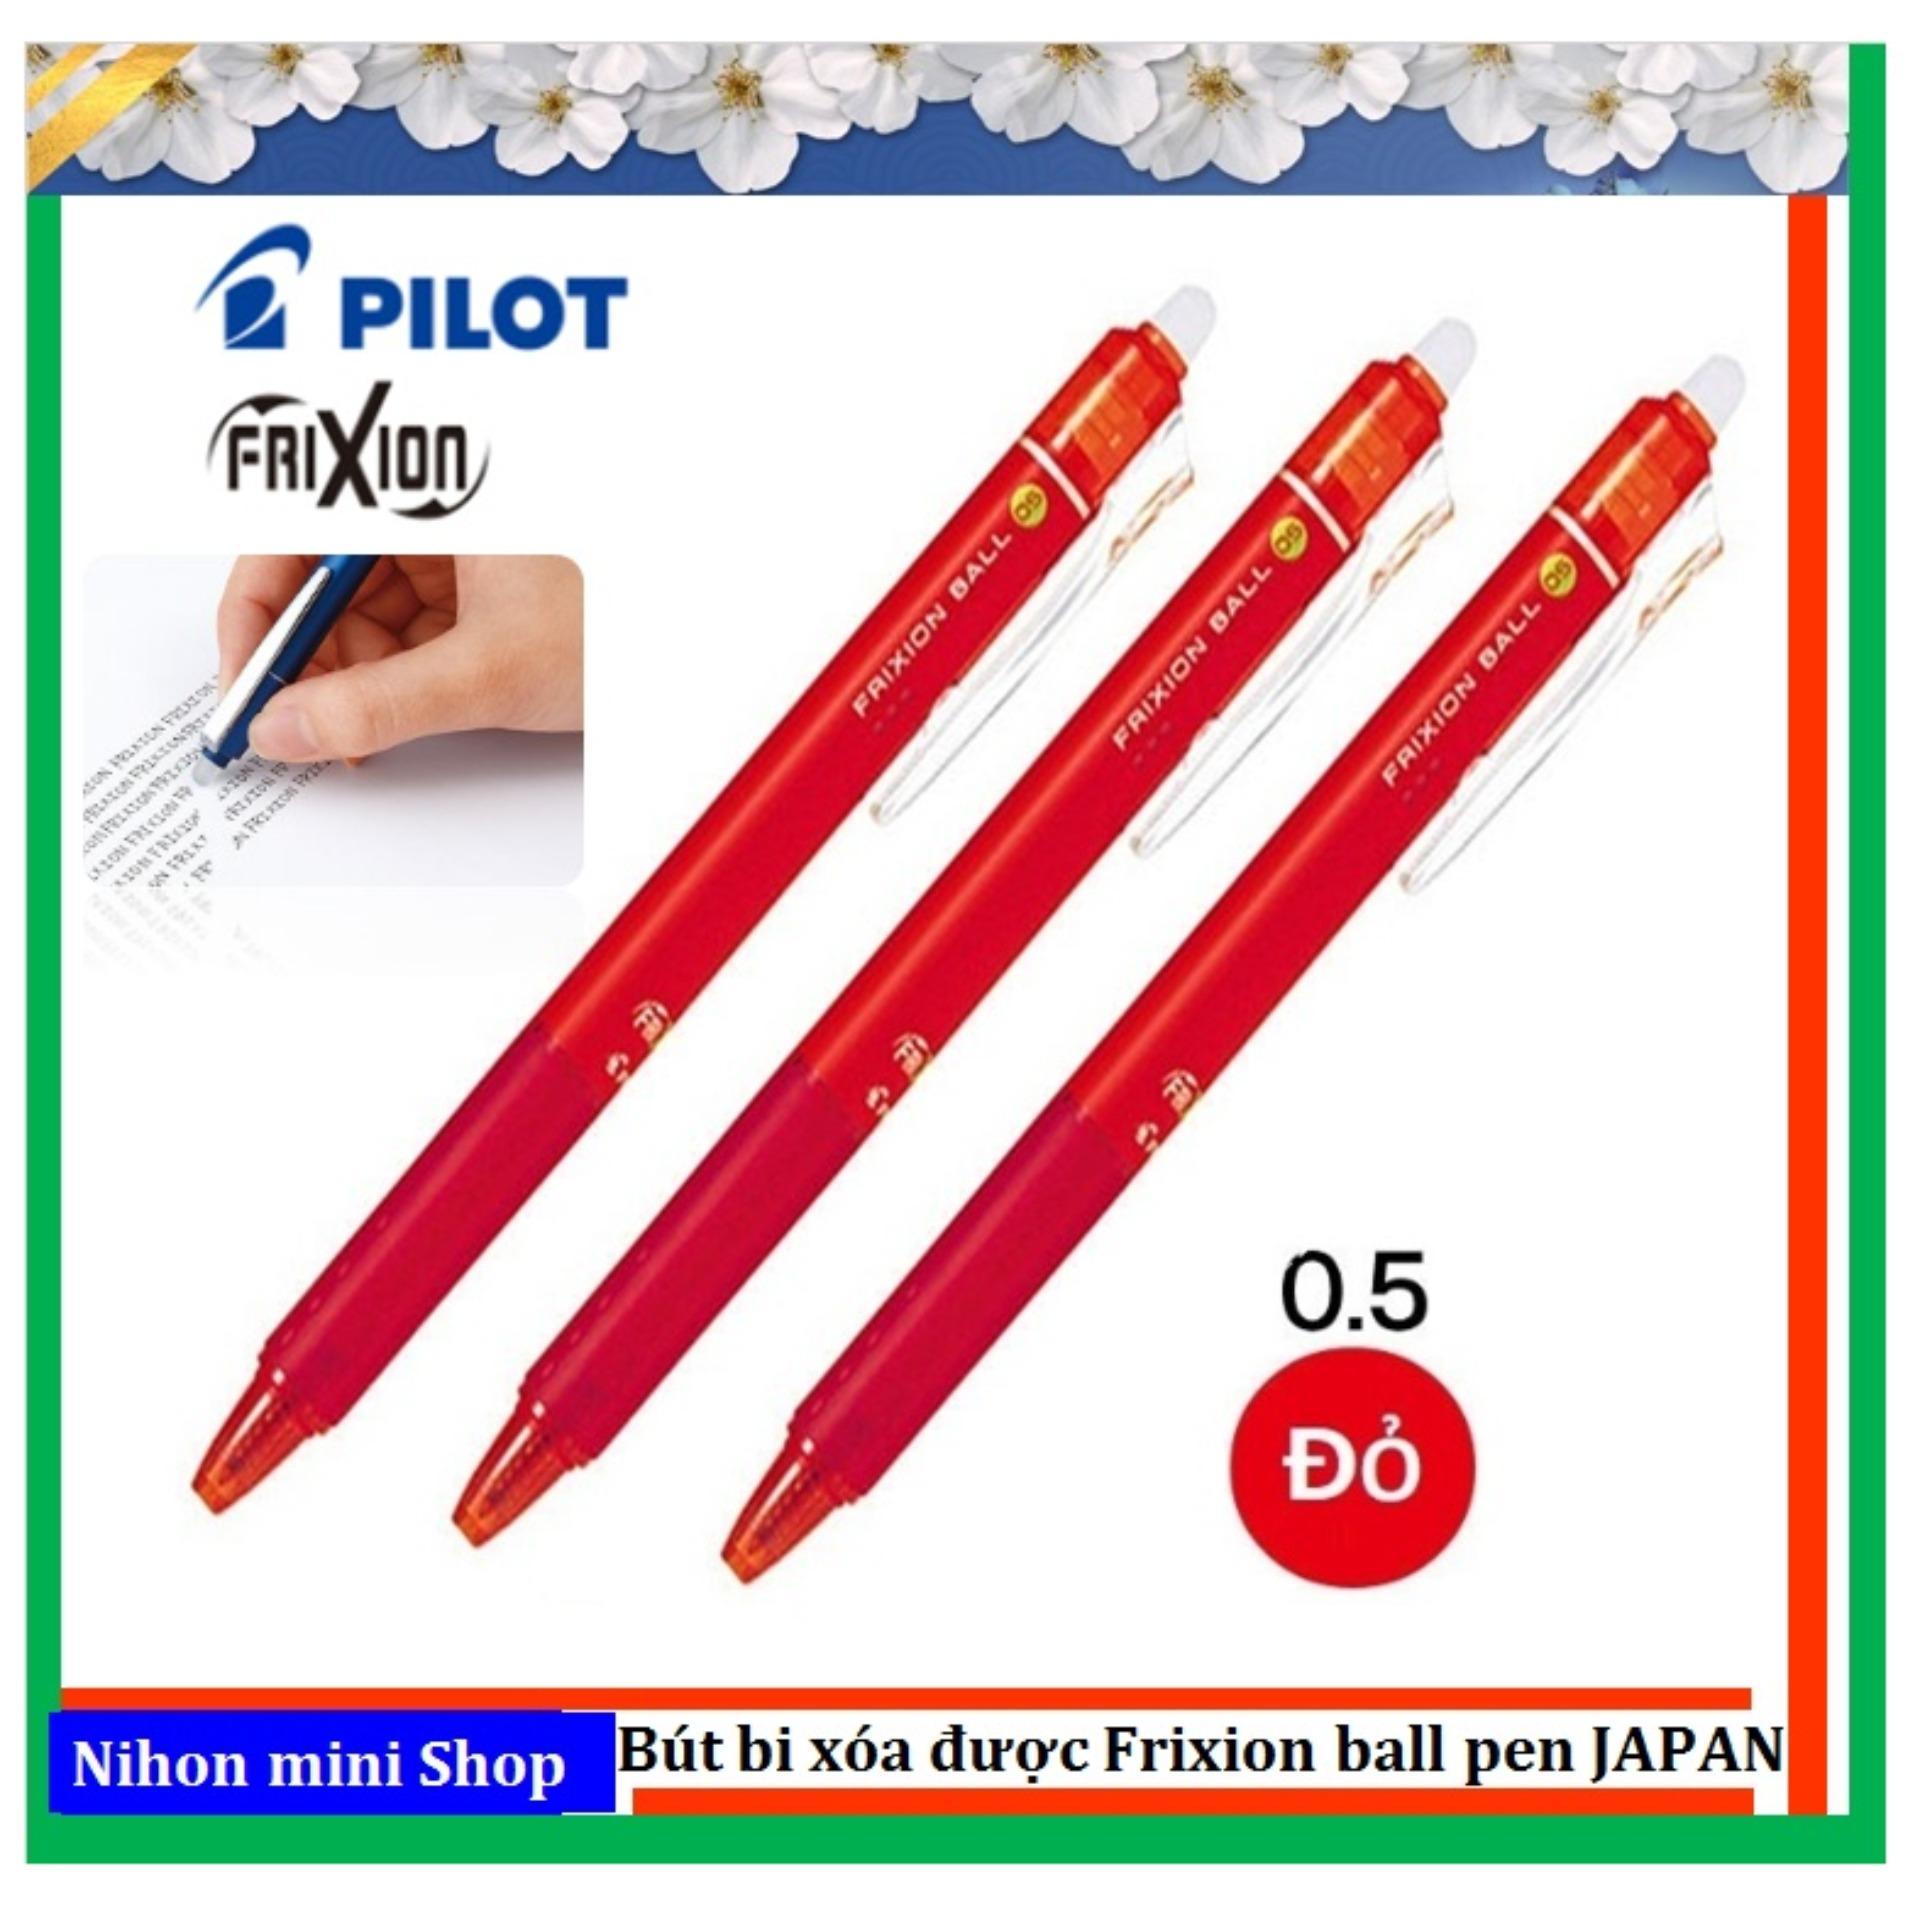 3 Bút bi xóa được Frixion ball 0.5mm (Japan) Đỏ